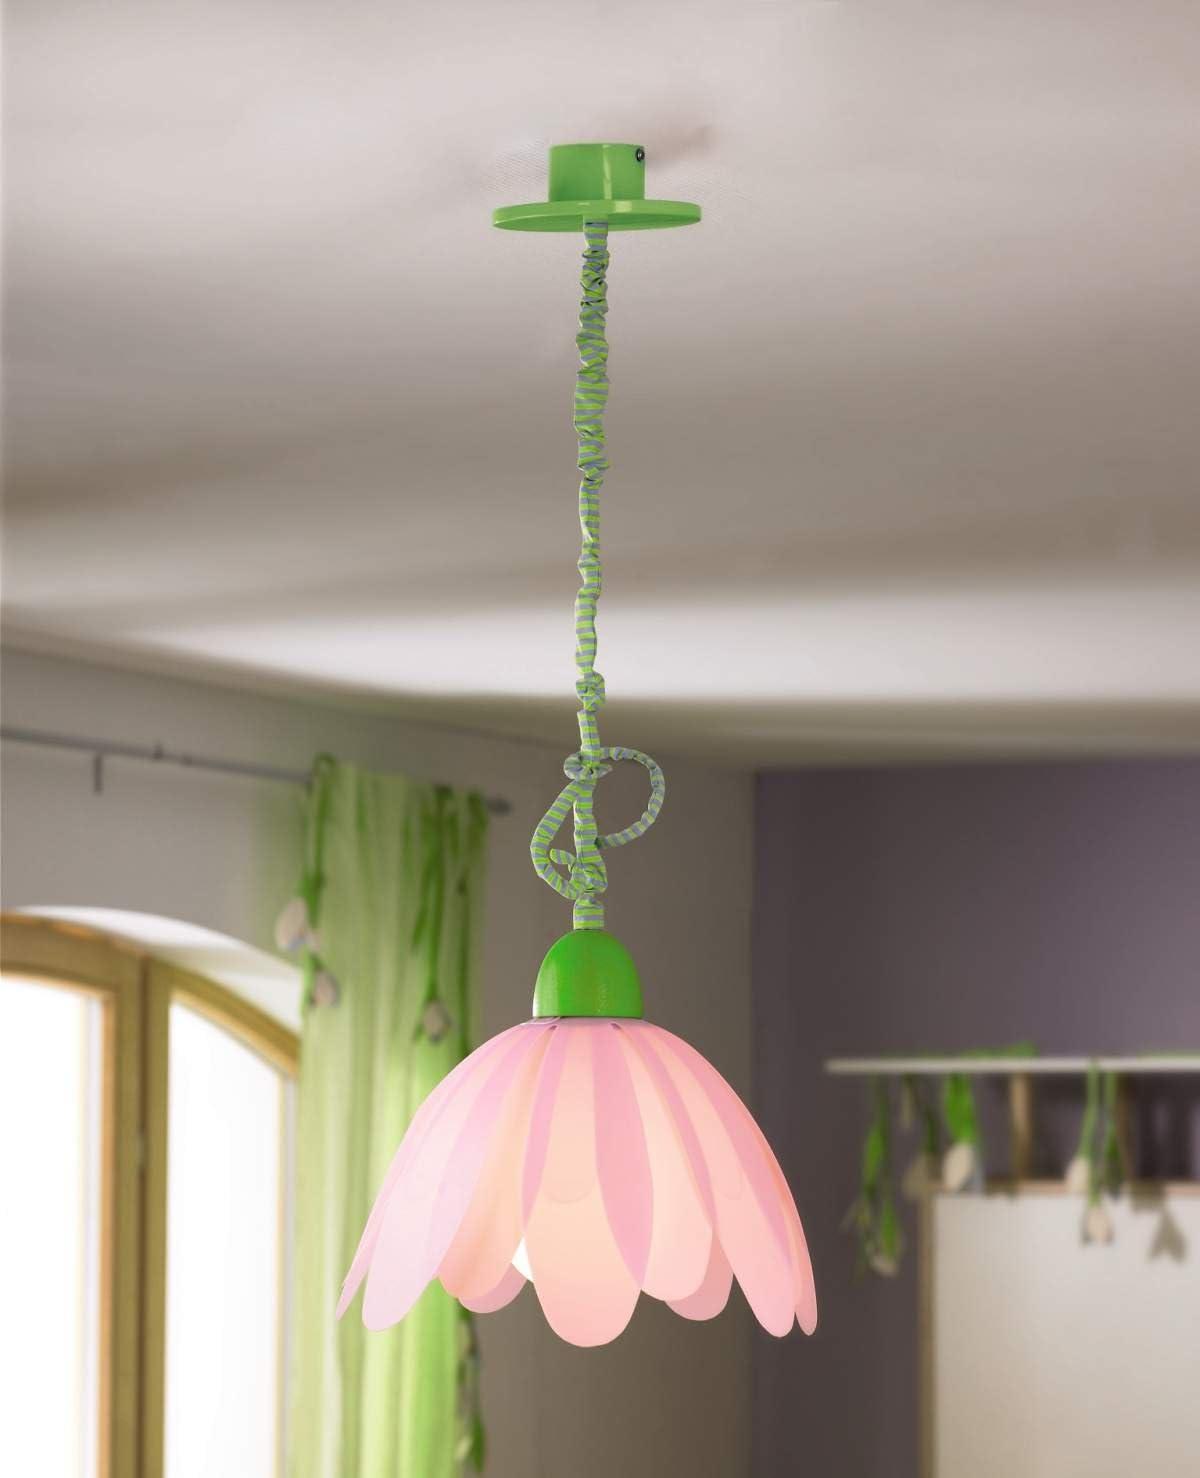 HABA 7566 Deckenlampe Gänseblümchen